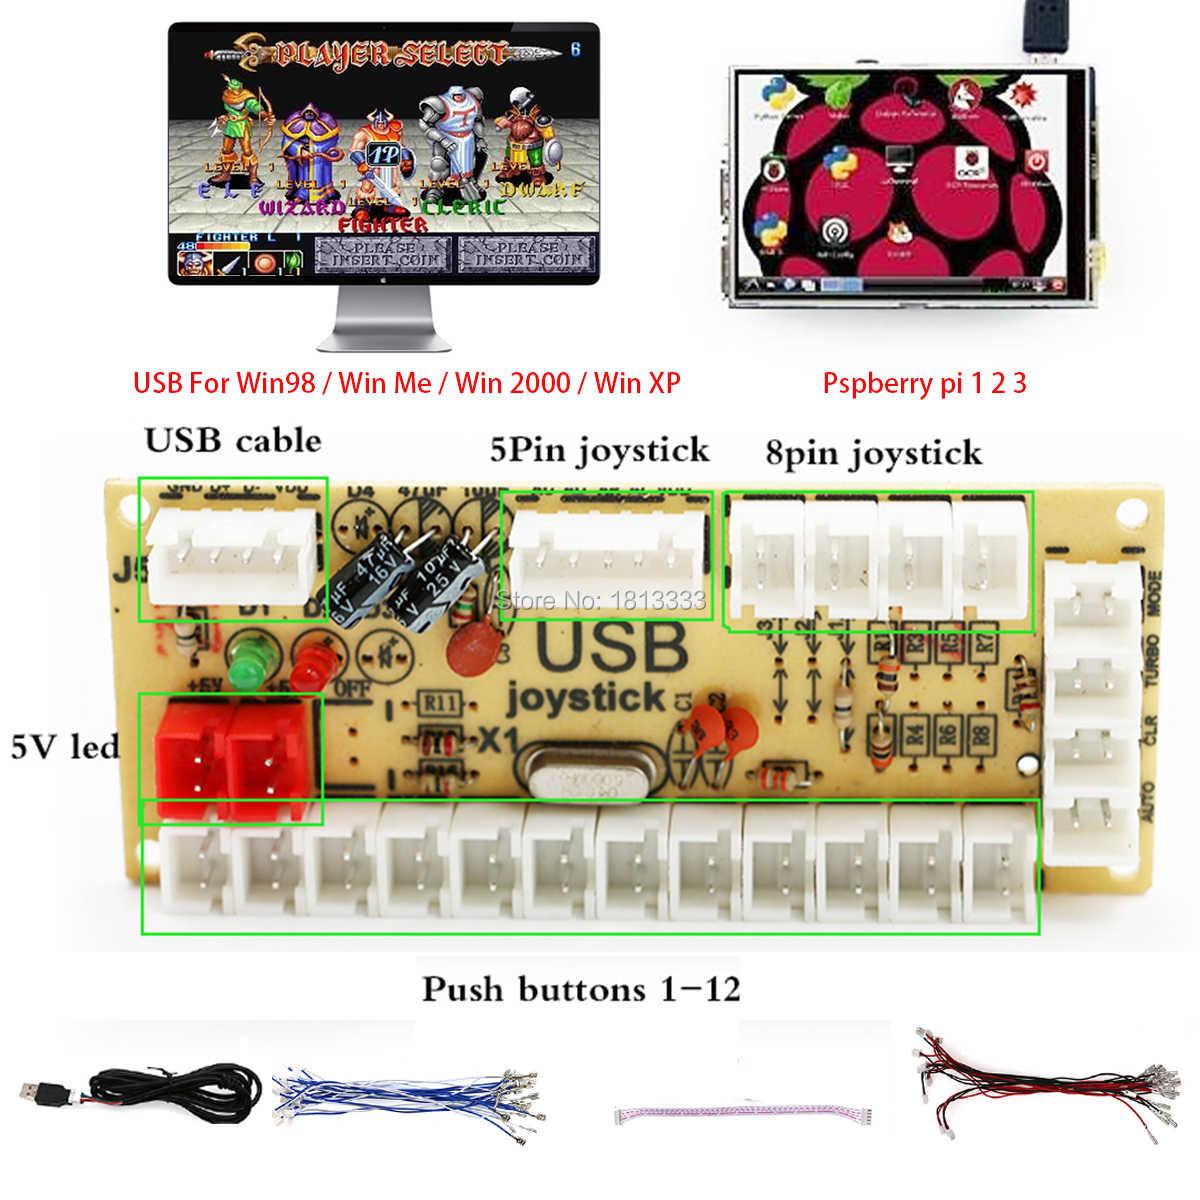 Diy gra arkade płyta sterowania zestaw zestawy zręcznościowe pakiet w tym happ styl joystick przycisk dla DIY contoller gra arkade